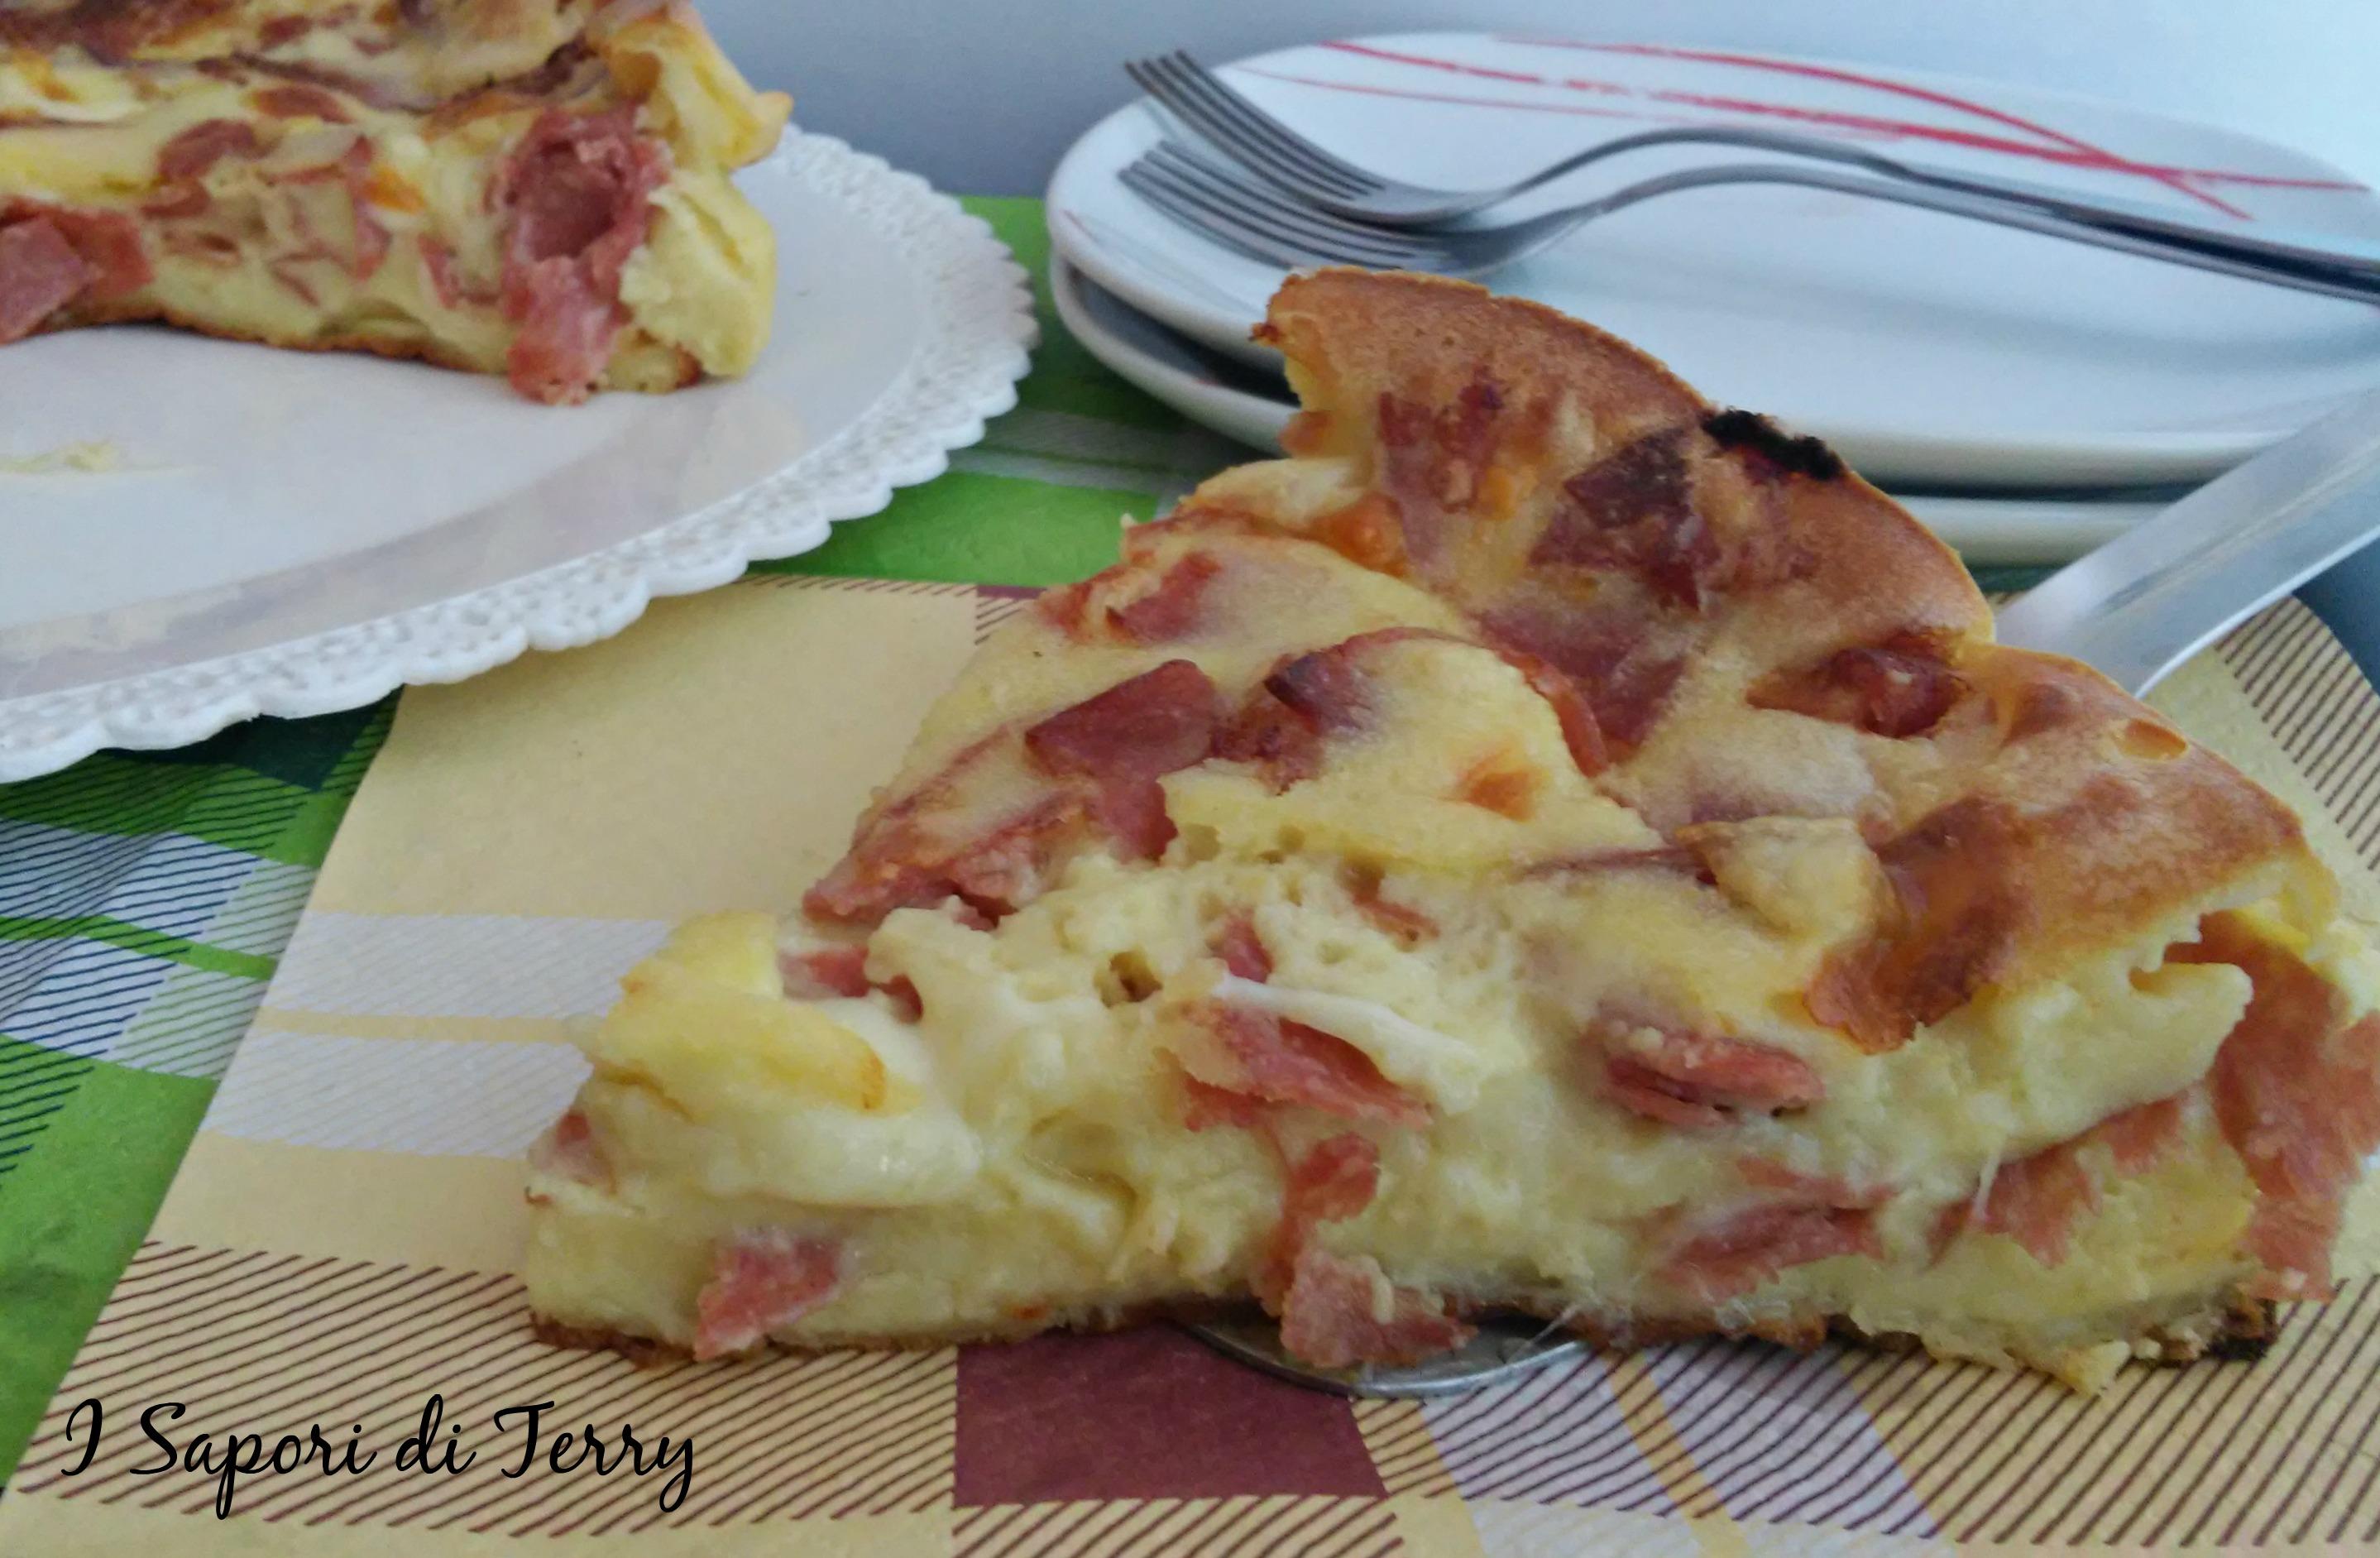 Torta di crepes salata con salumi e formaggi;